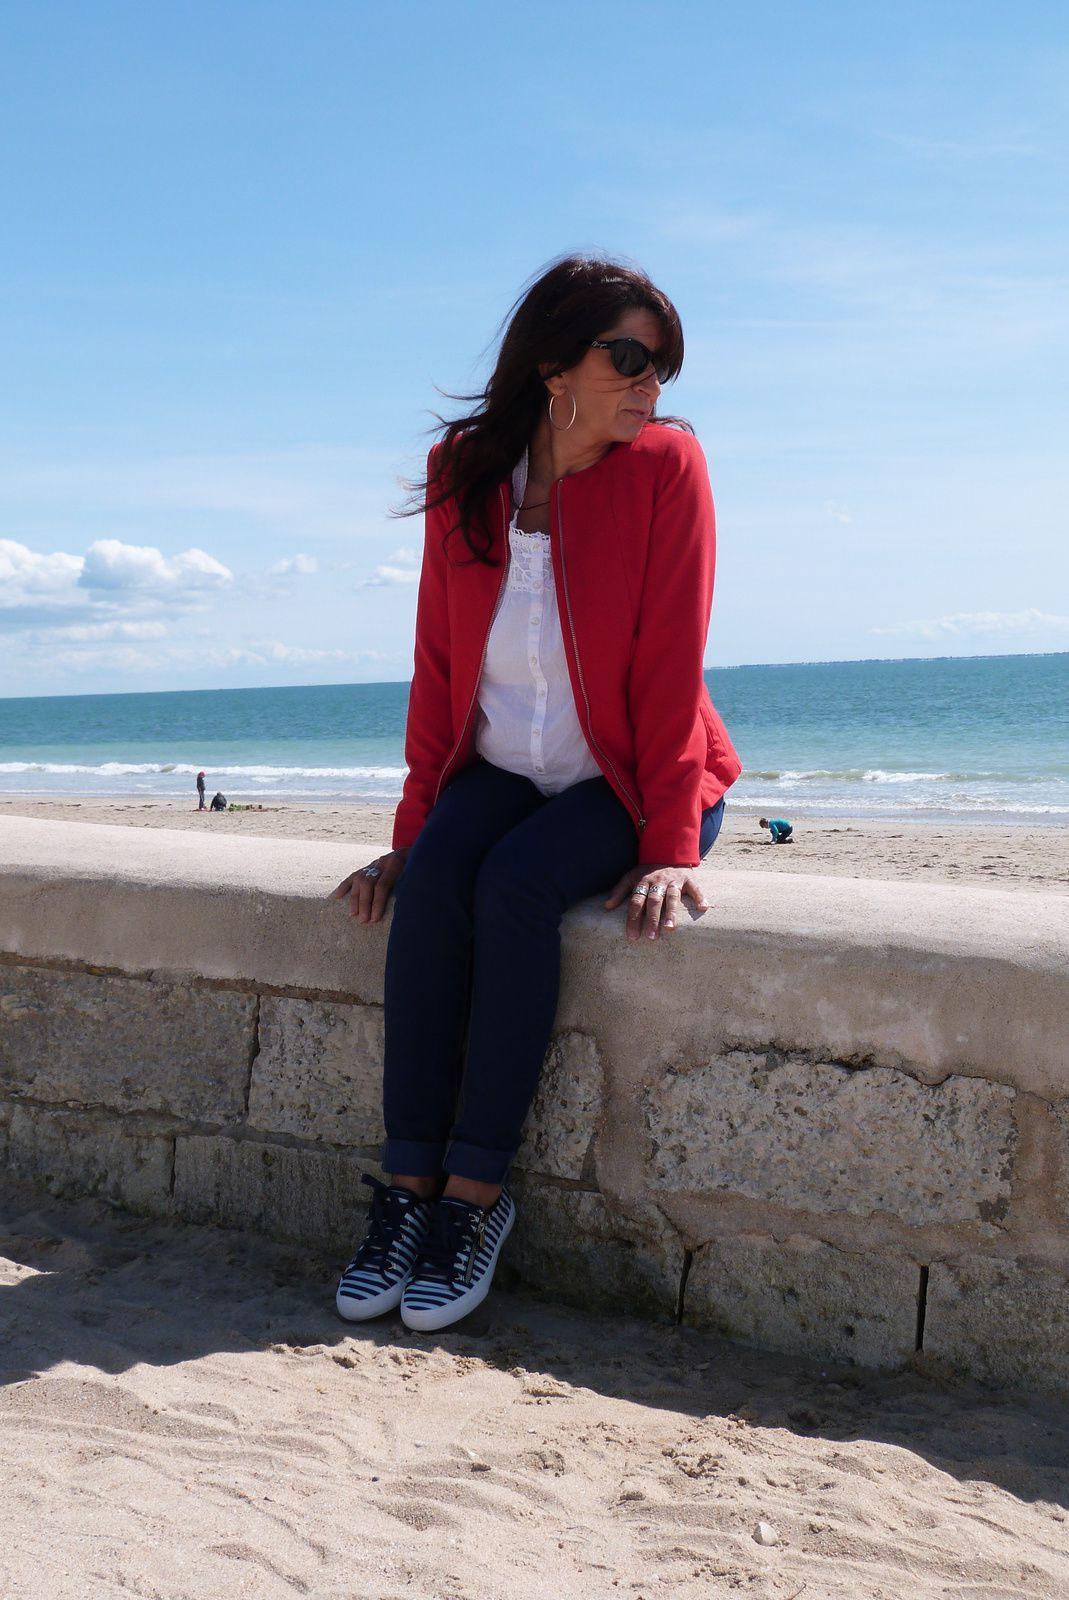 Veste rouge sur bord de mer...